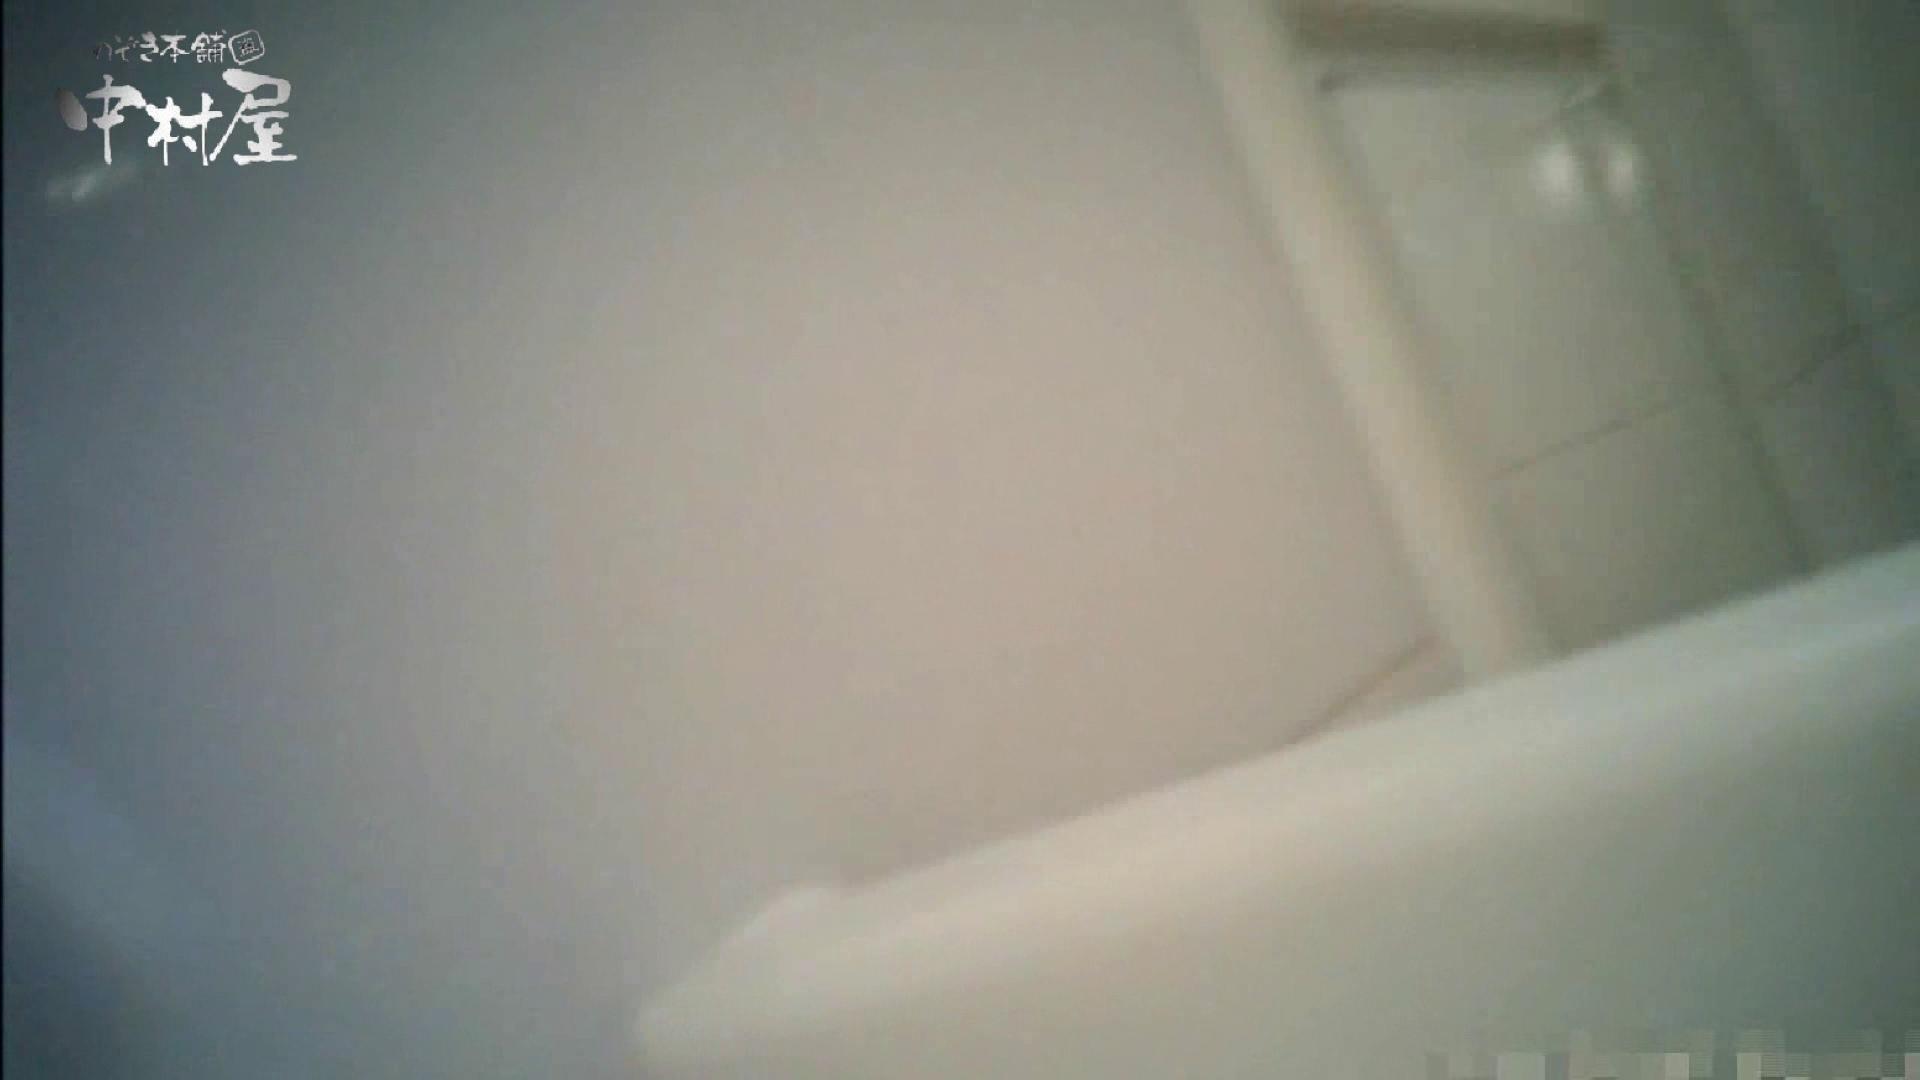 欲望 リアルドール Case.07 Mちゃん19歳 巨乳ギャル 女子大生のエロ動画   巨乳編  76PIX 37